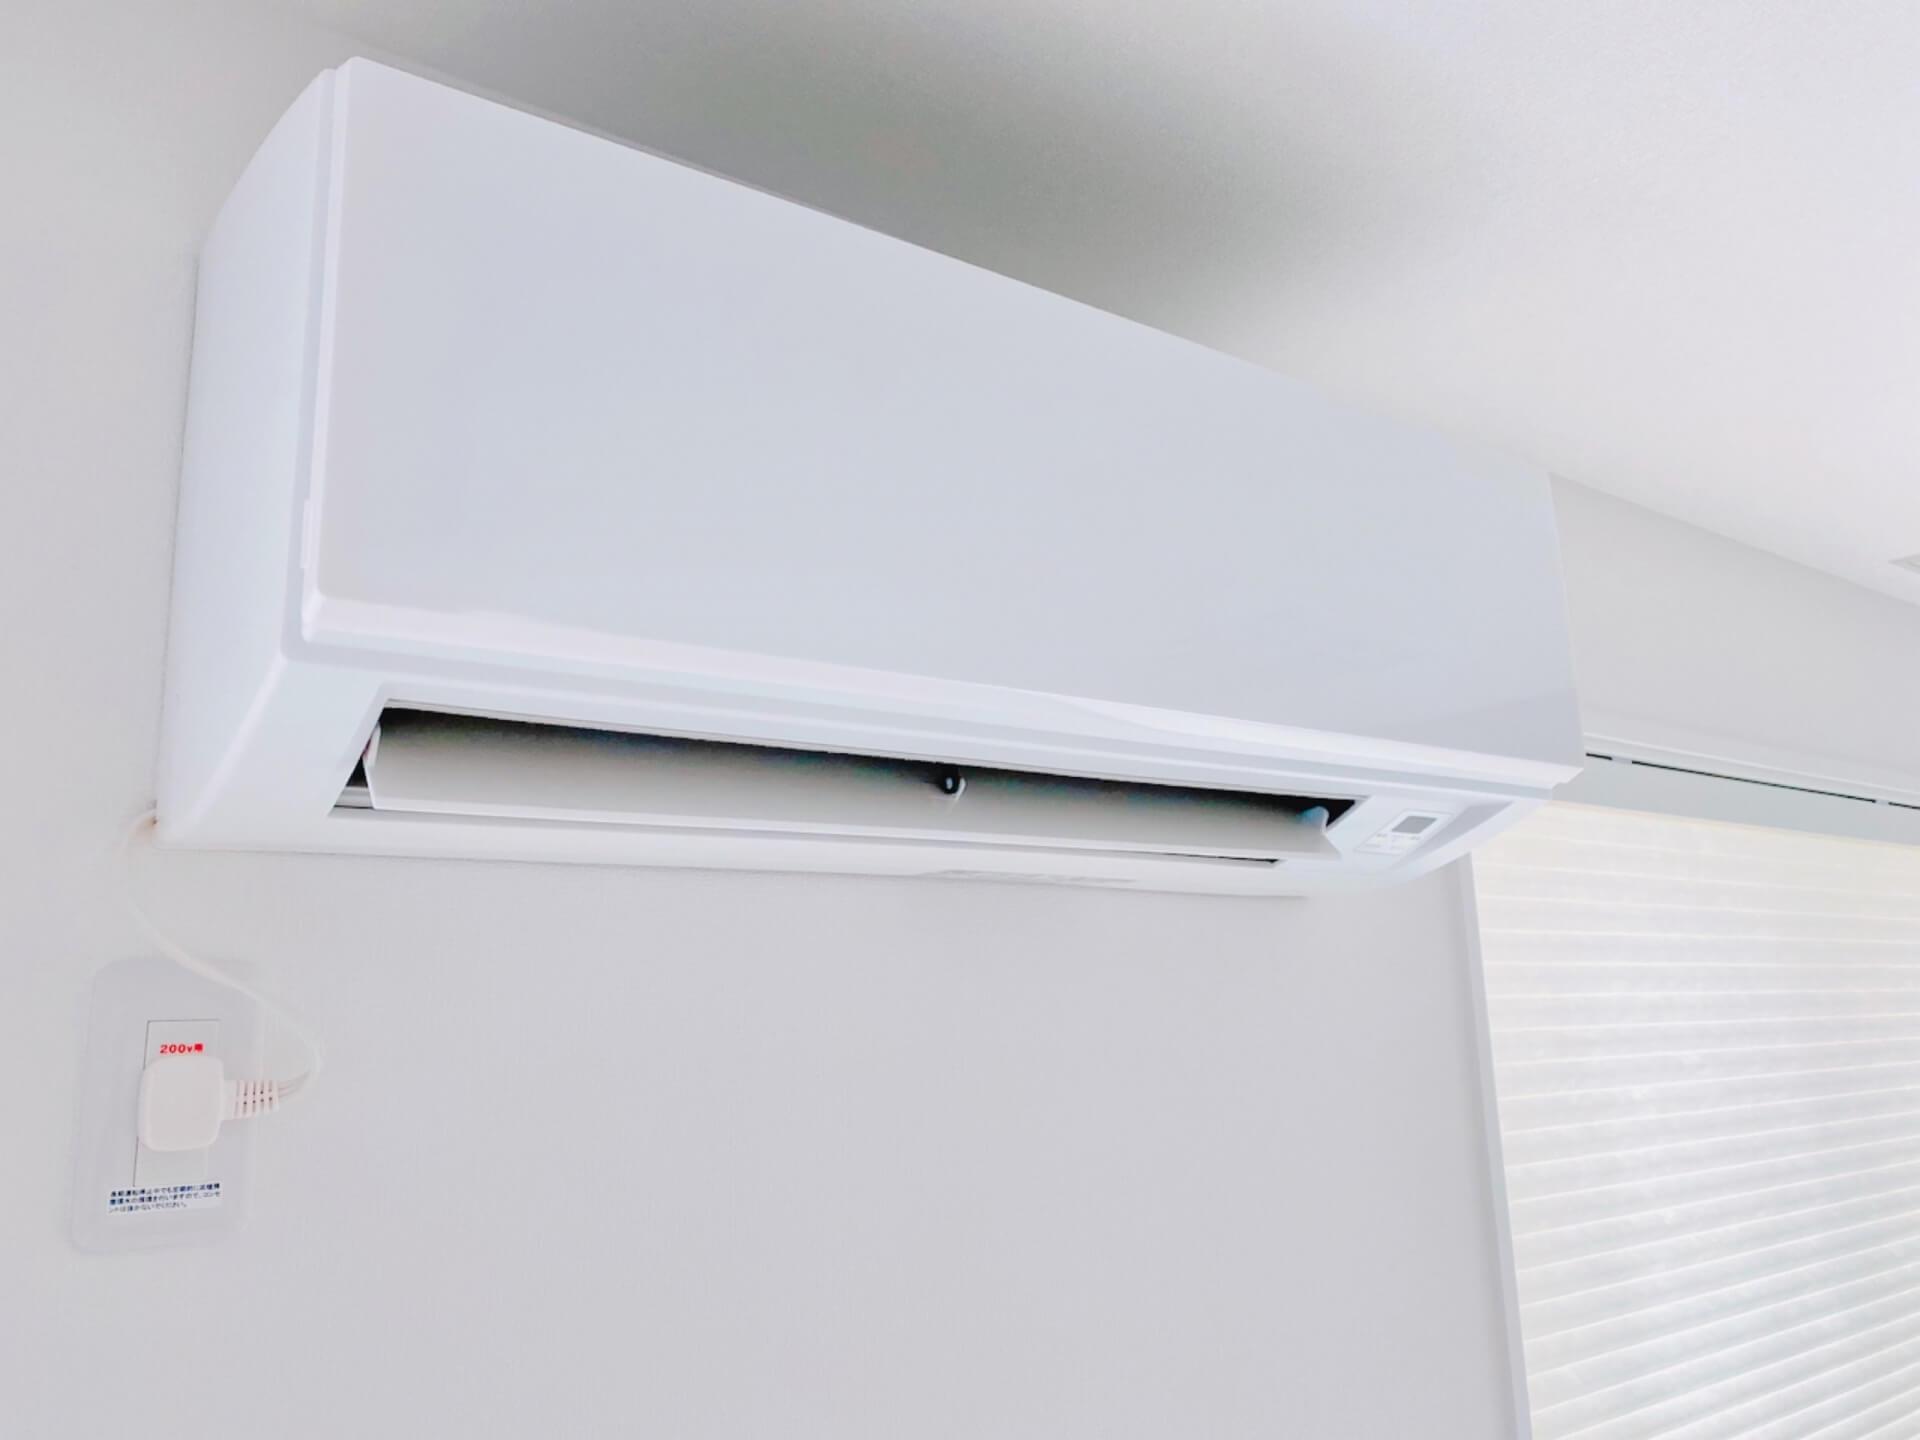 【エアコン】除湿機能の上手な使い方